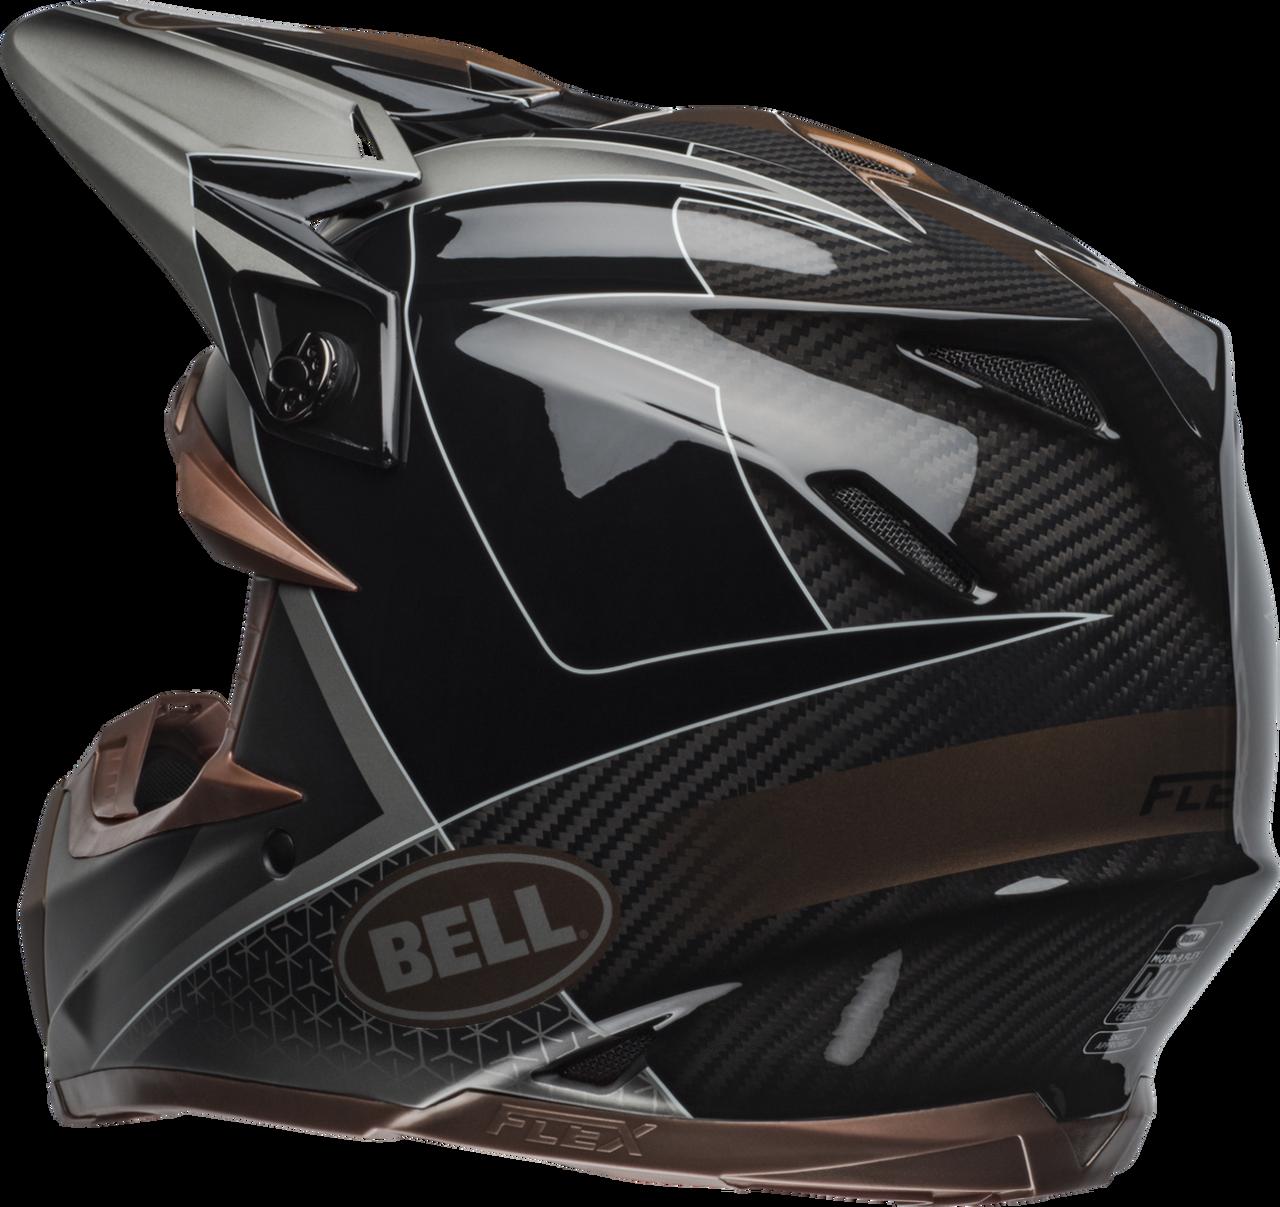 BELL MOTO-9 CARBON FLEX HOUND MATTE/GLOSS BLACK/BRONZE